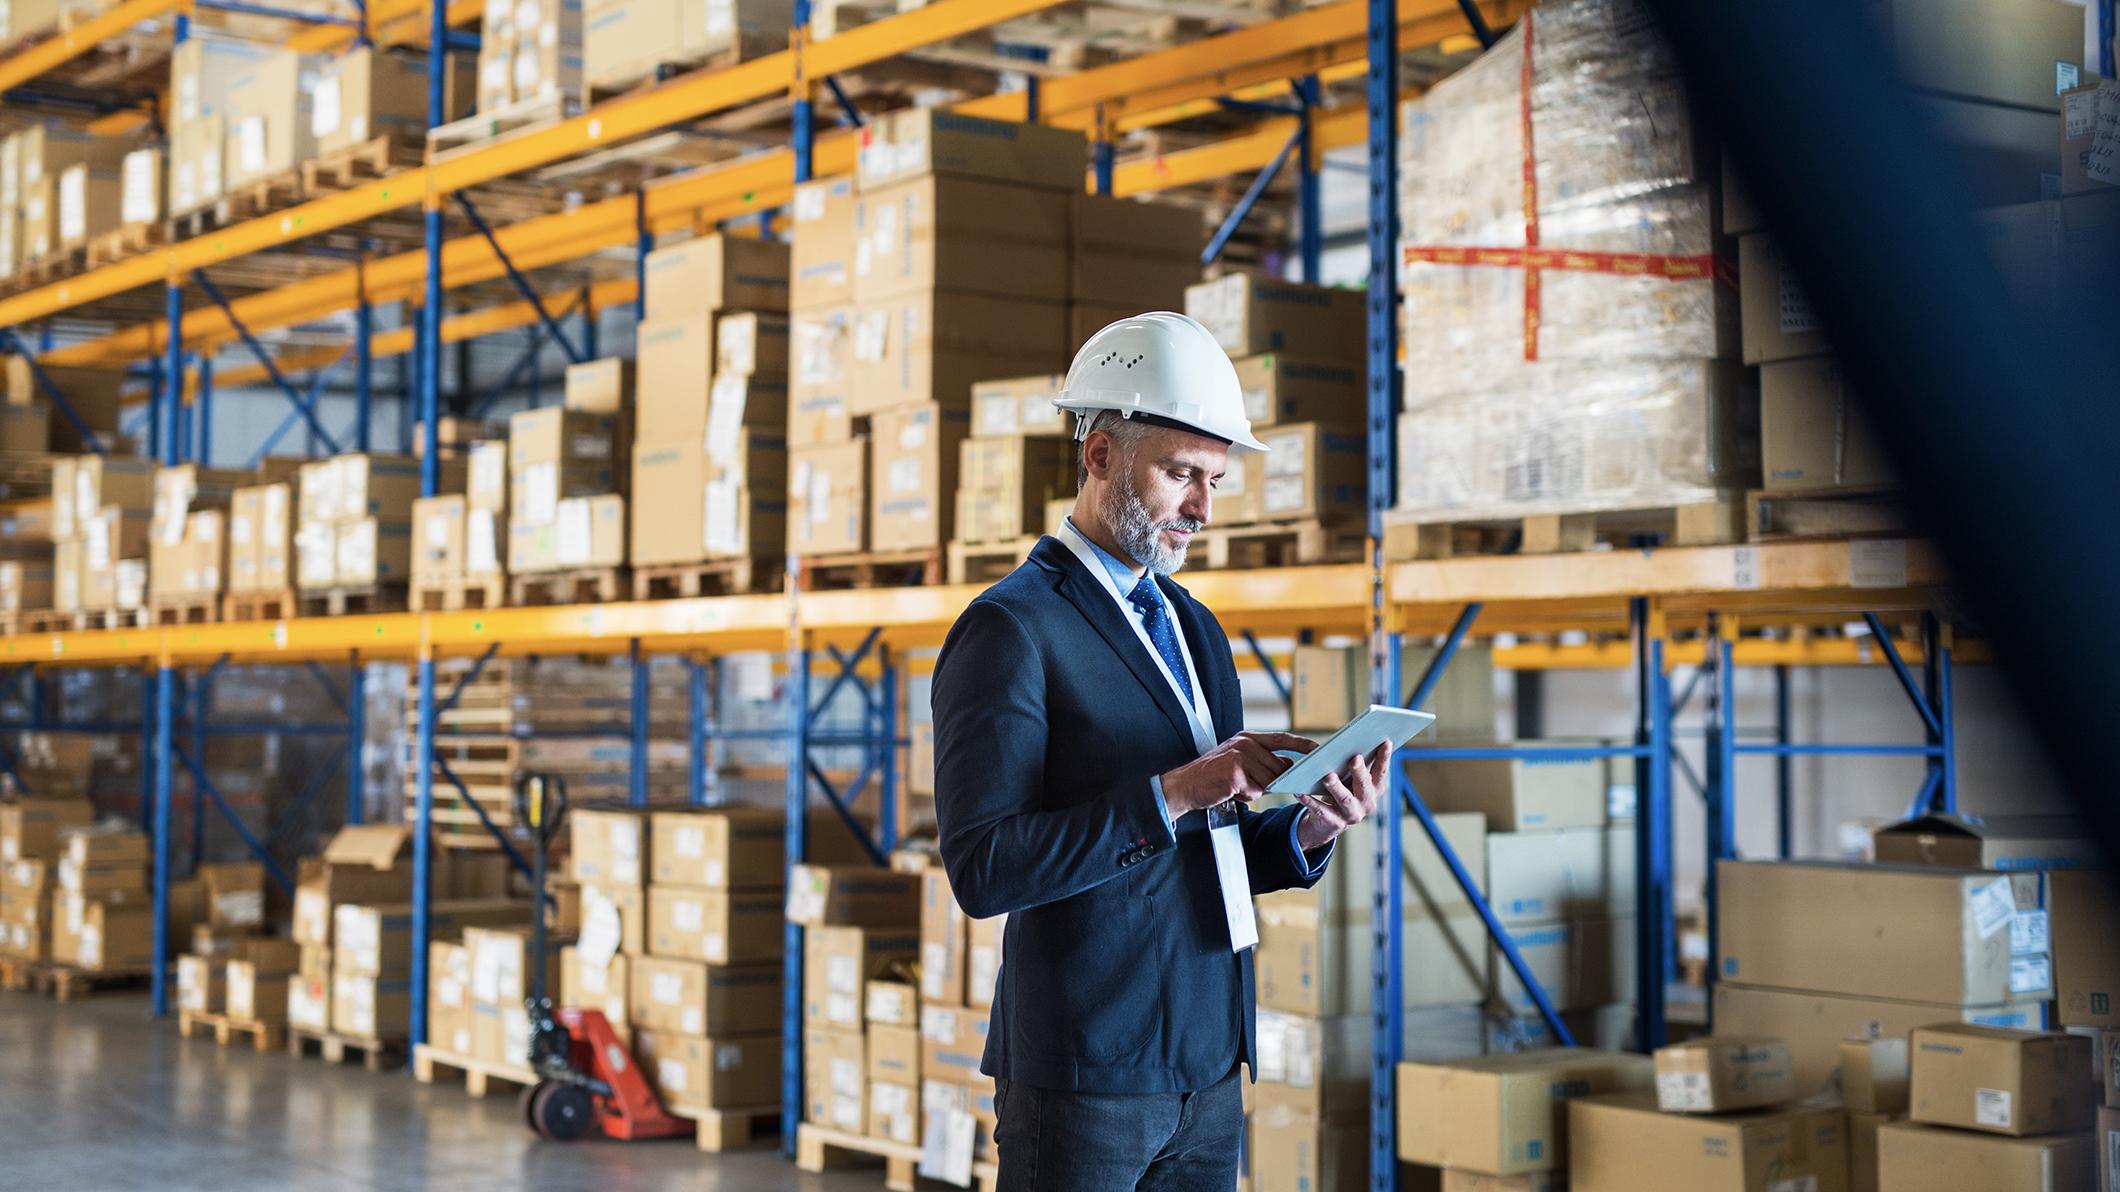 two men wearing hard hats talking in a warehouse